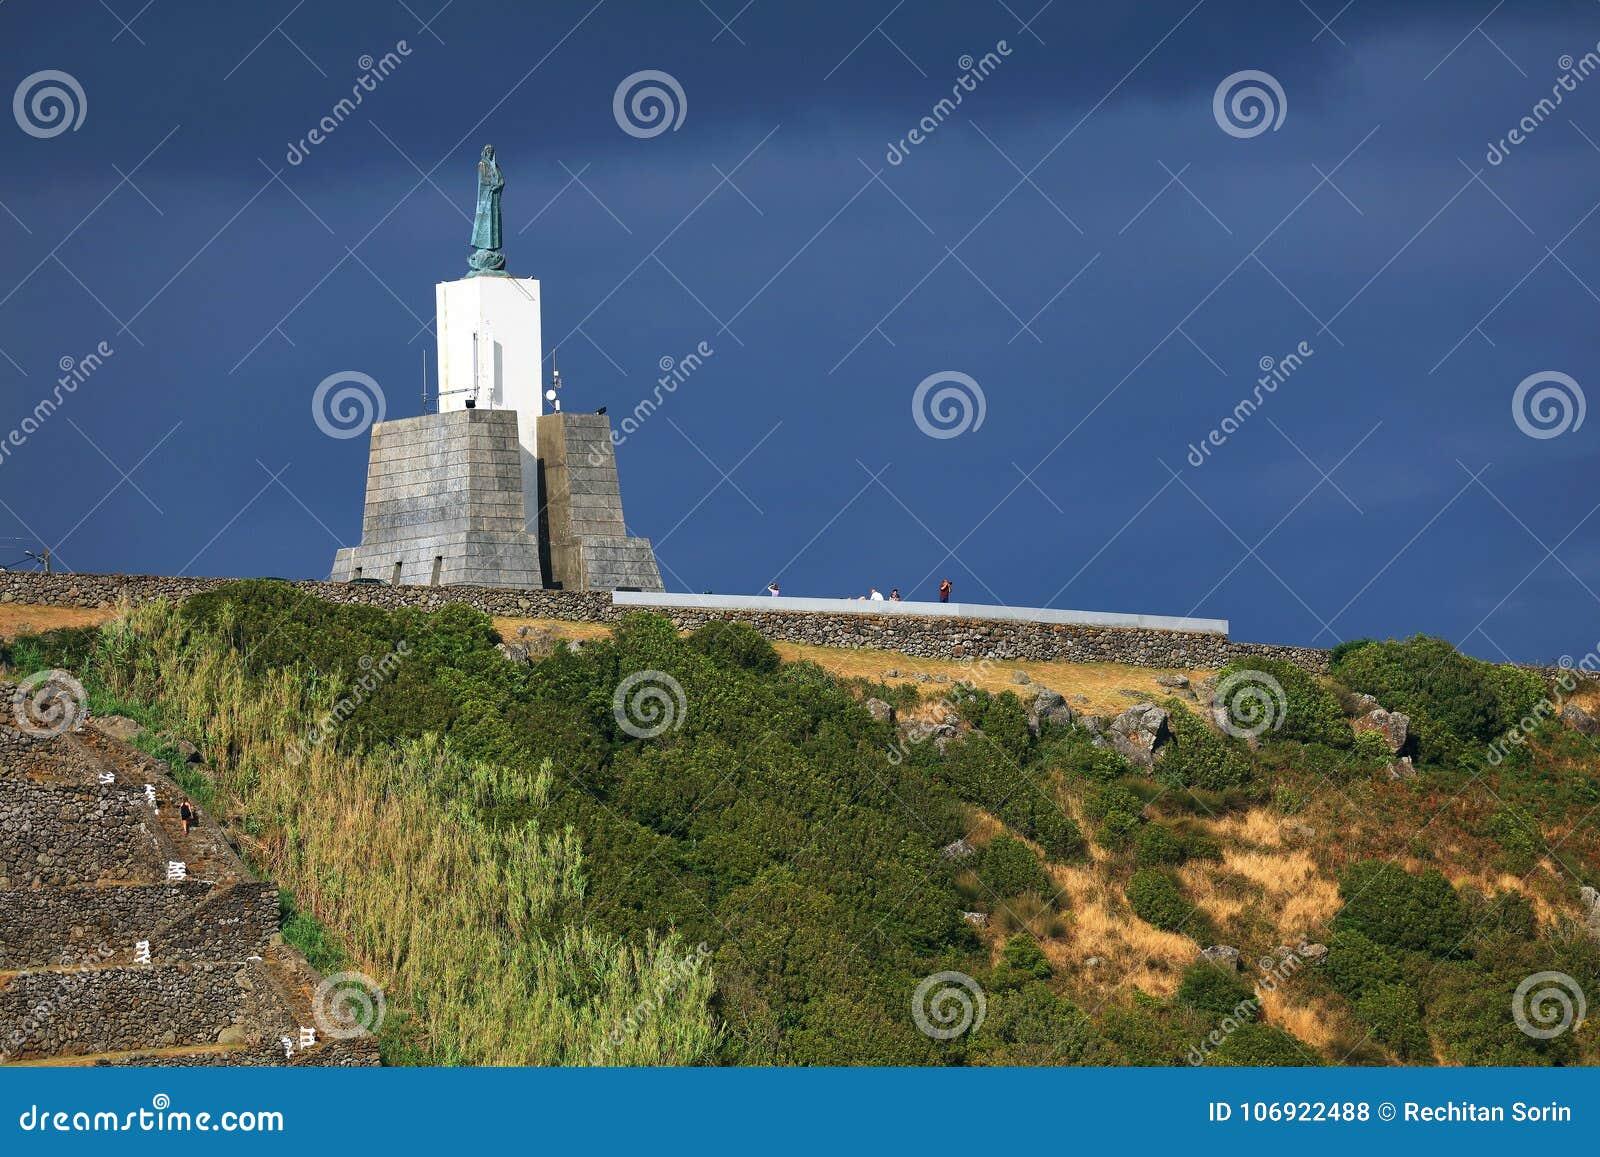 Gazebo pochodni zabytek sławny punkt zwrotny w Vitoria miejscowości nadmorskiej